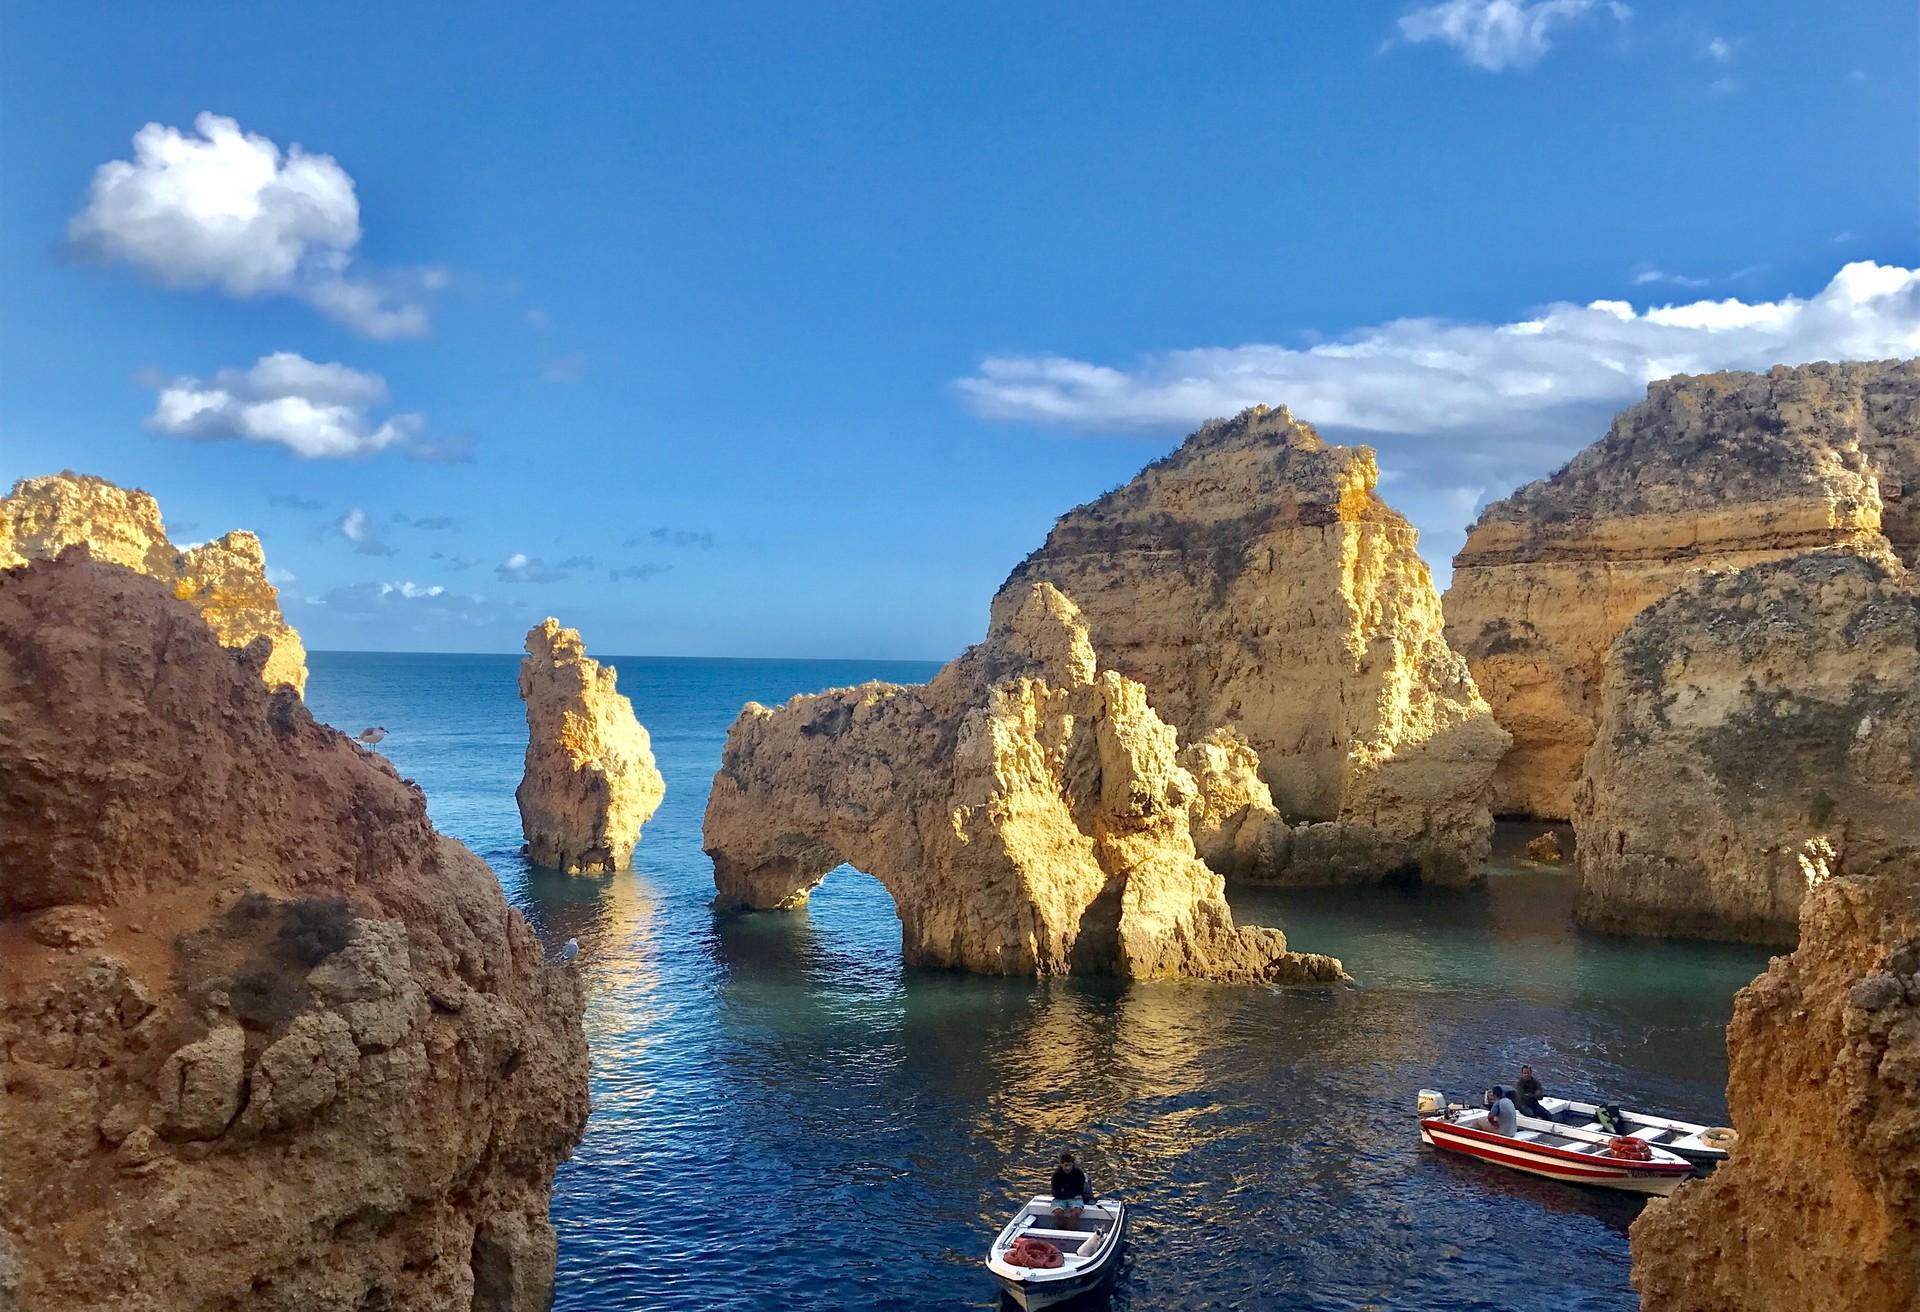 Goldene Sandsteinklippen, natürliche Tunnel und verborgene Grotten am Strand Ponda da Piedade